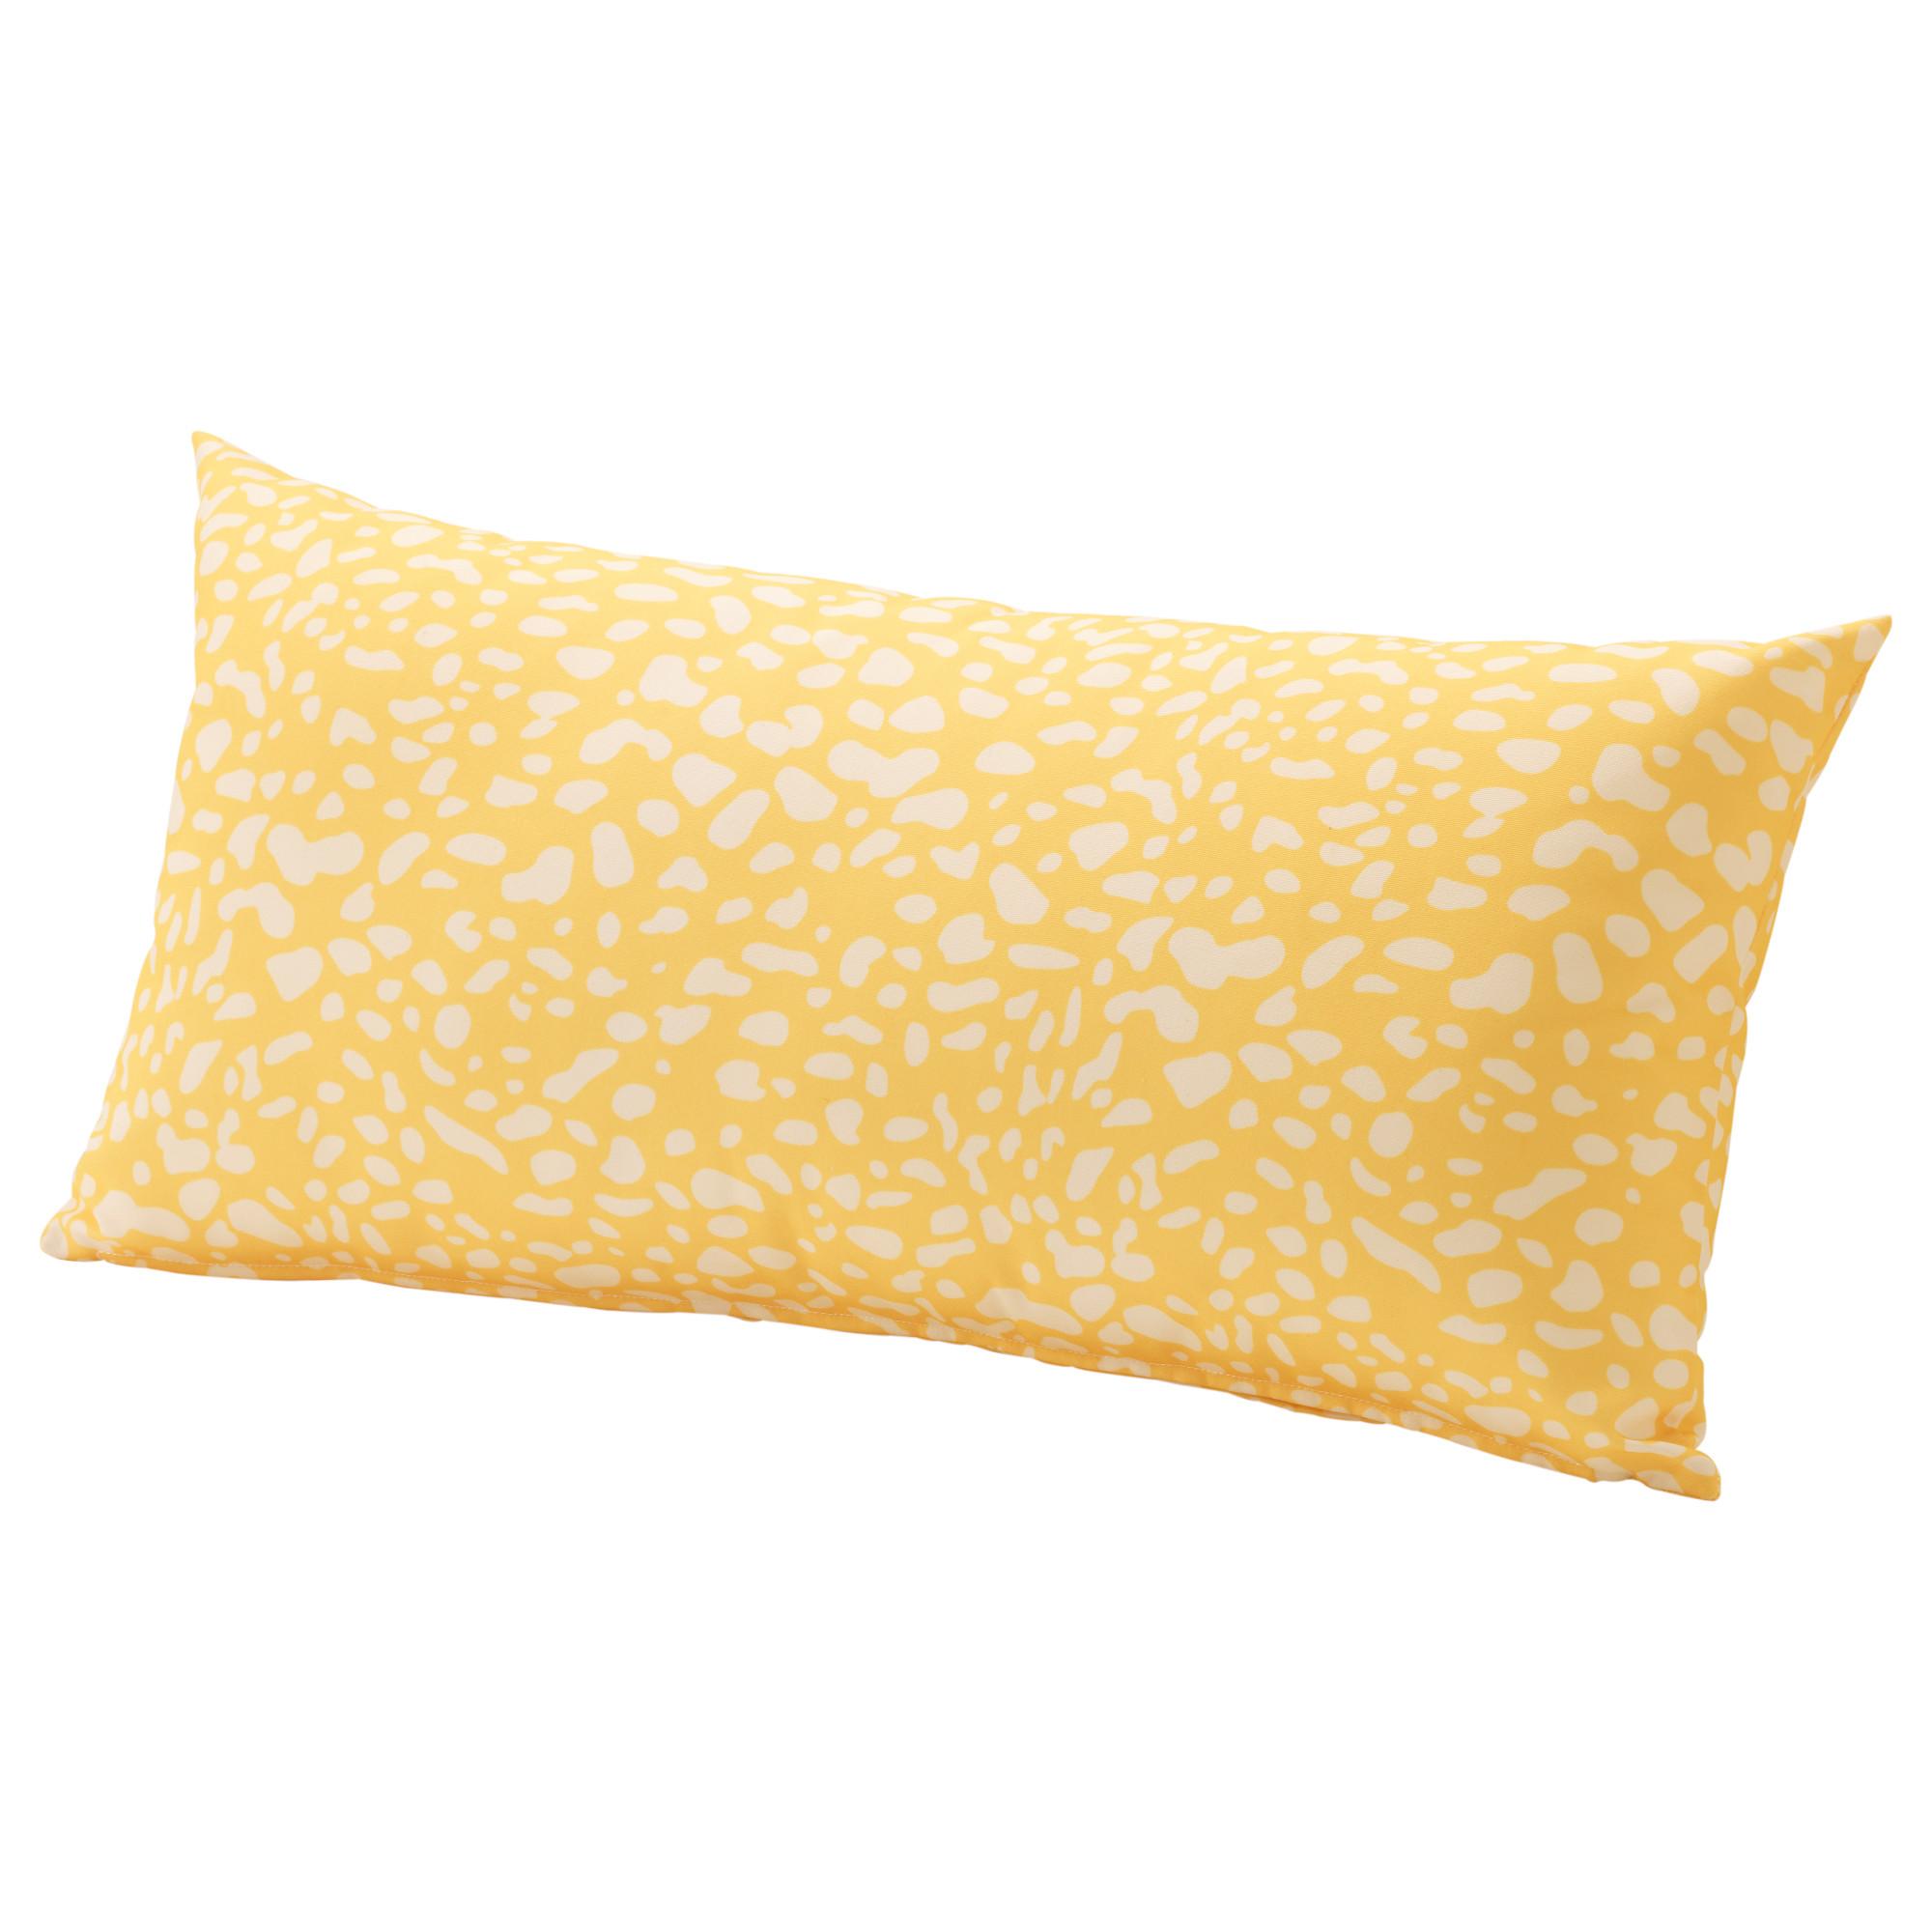 Подушка для садовой мебели ГРЕНО желтый артикуль № 603.380.08 в наличии. Интернет магазин IKEA Минск. Недорогая доставка и соборка.